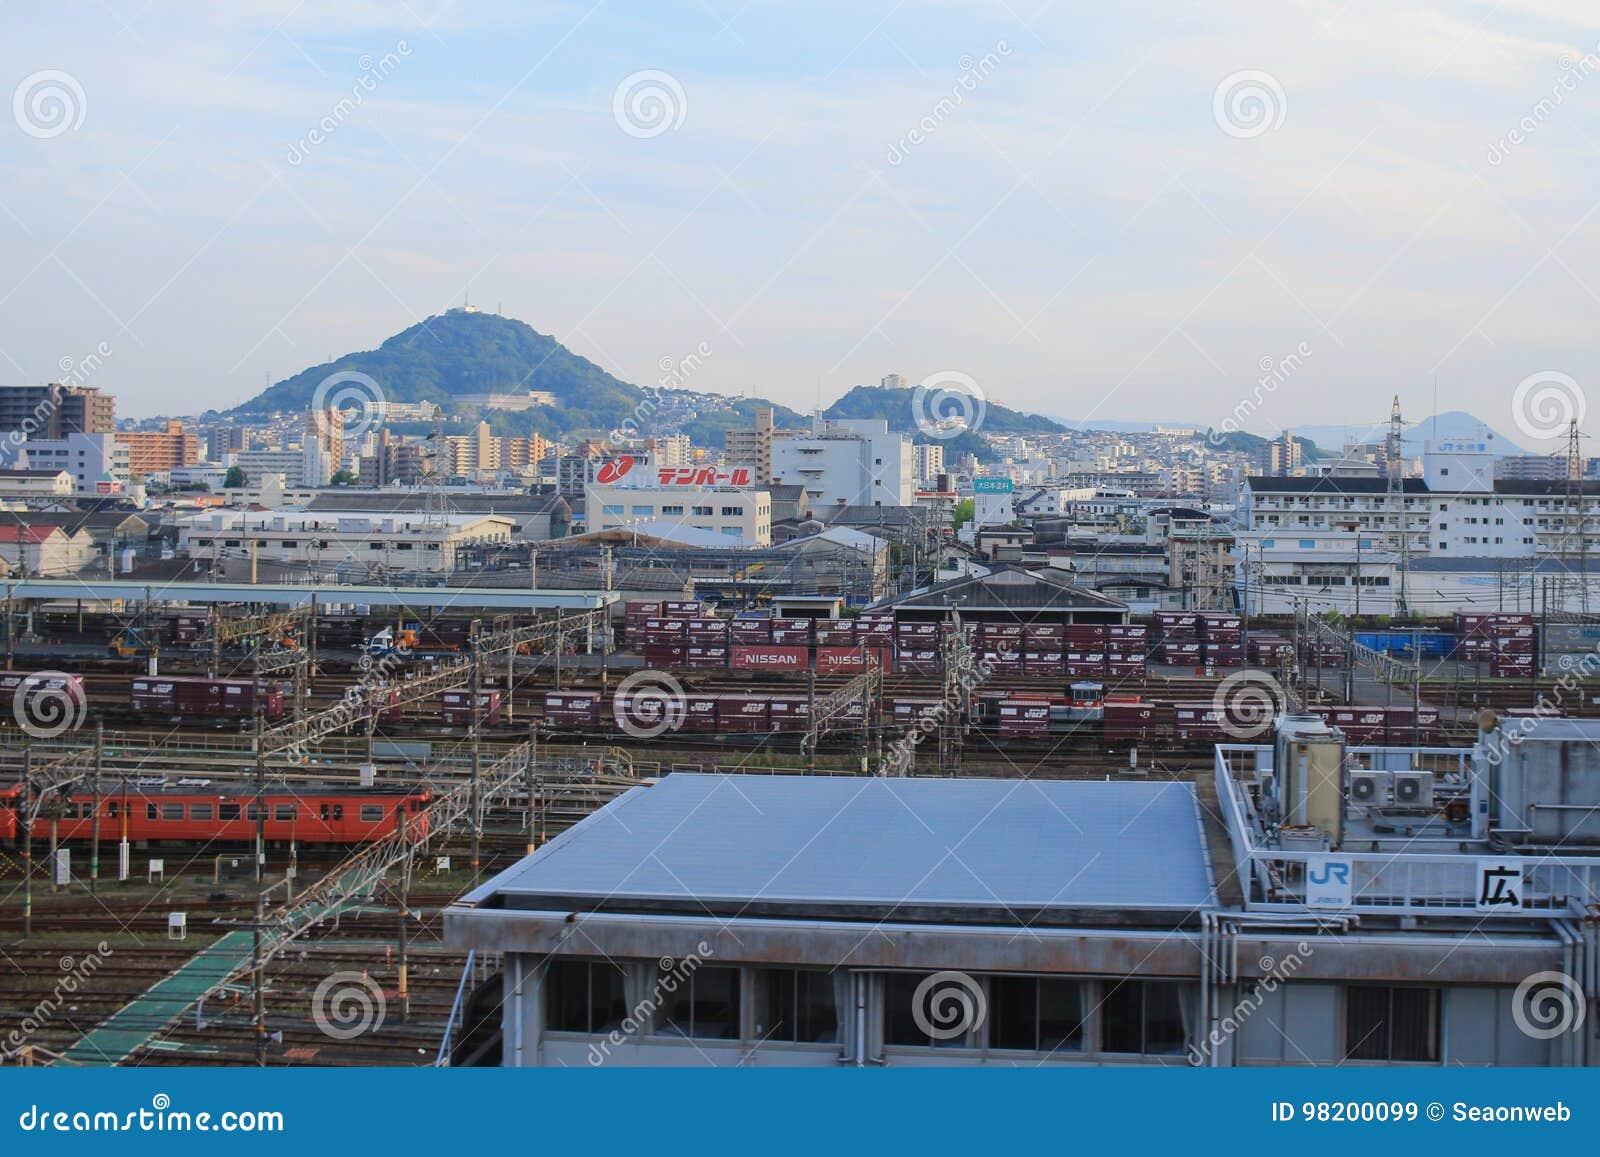 Download док поезда на ХИРОСИМЕ, редакционное стоковое изображение. изображение насчитывающей футуристическо - 98200099